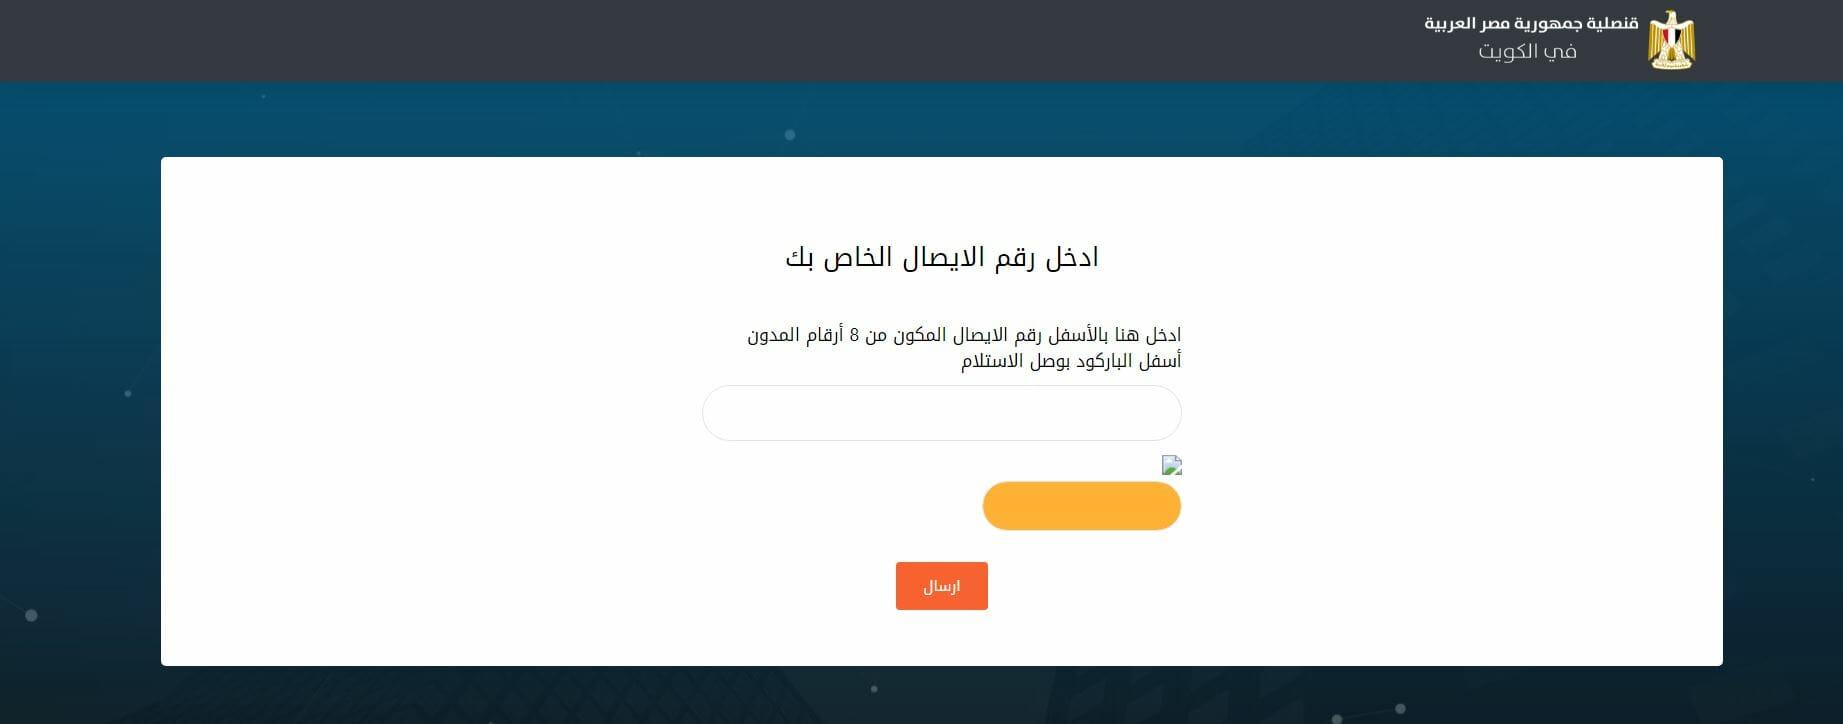 السفارة المصرية بالكويت الاستعلام عن جواز السفر رقم 02